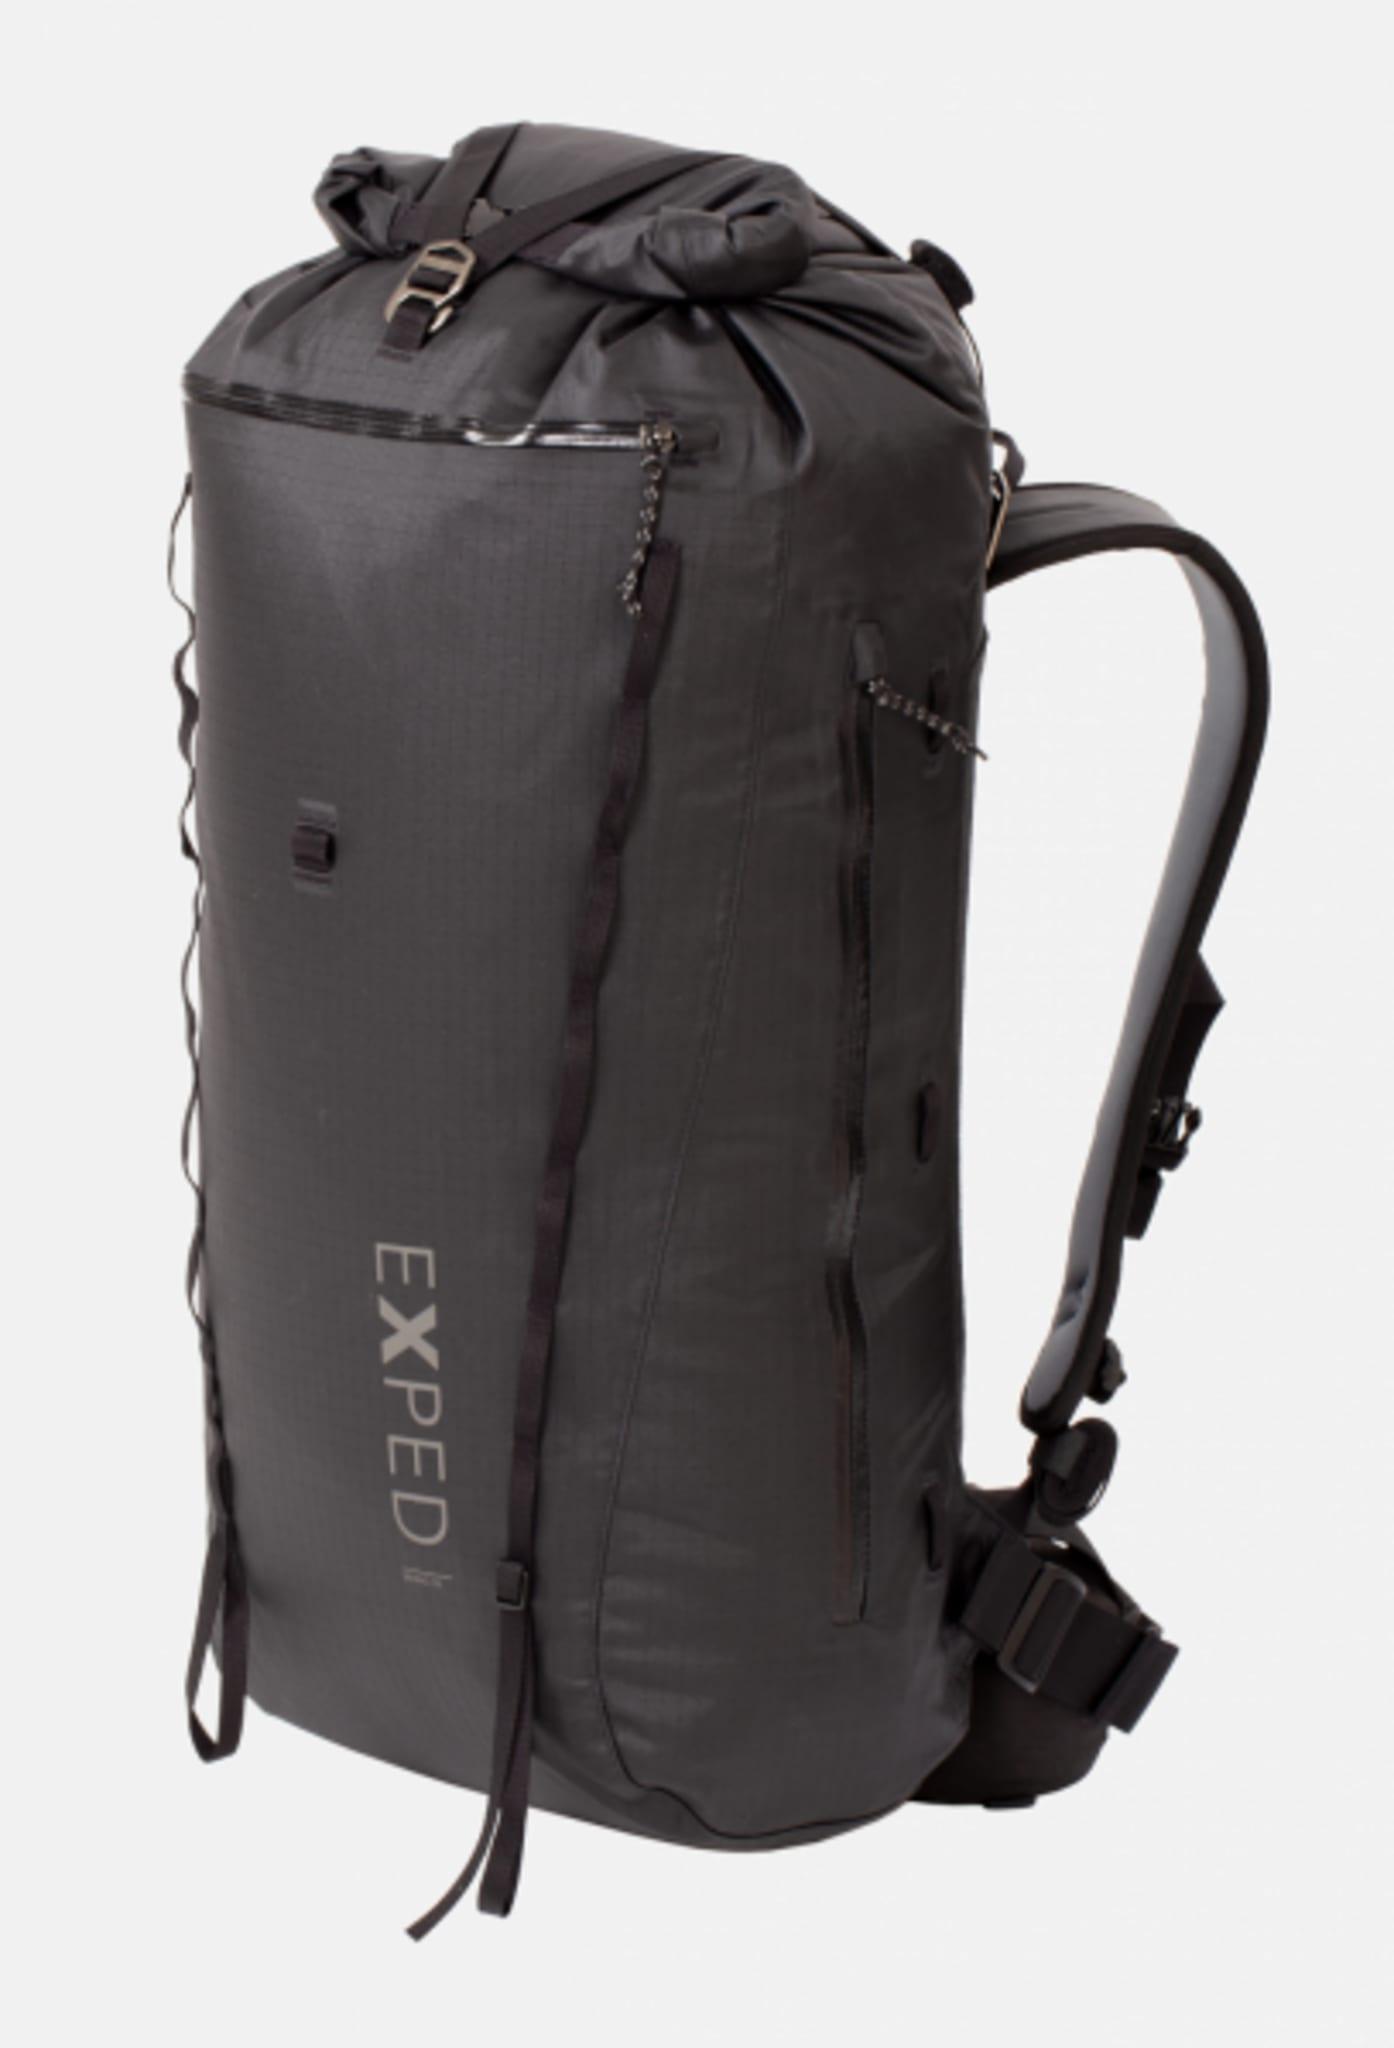 Minimalistisk og vanntett sekk for alpinisten